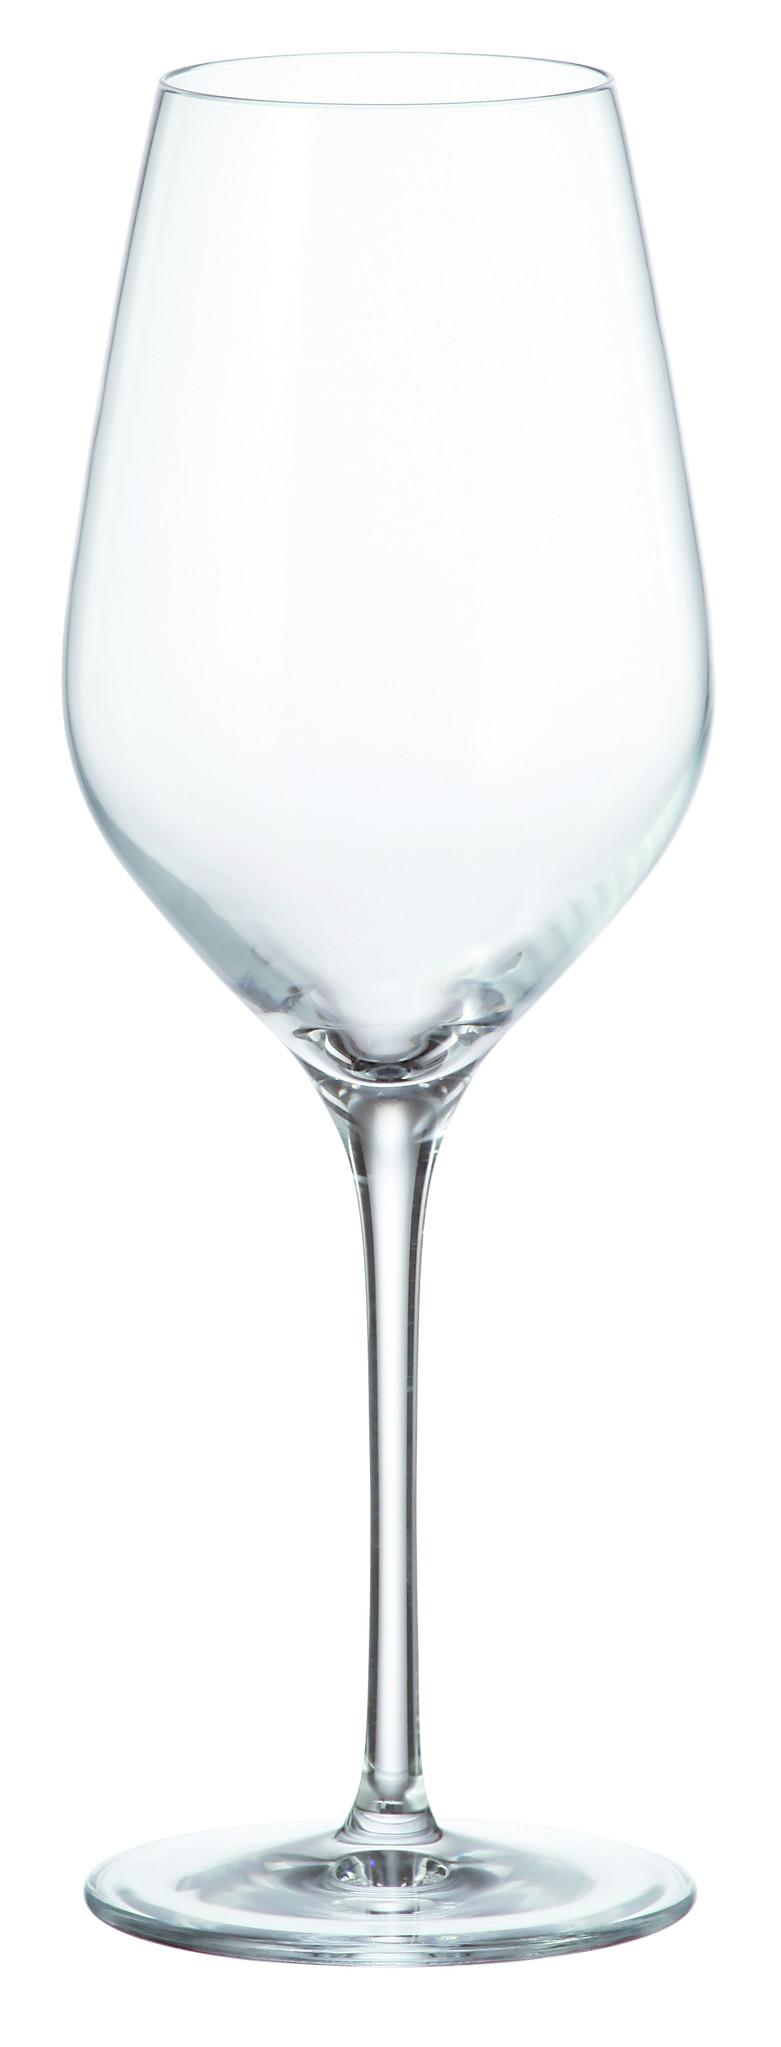 Crystalex Kristallen wijnglazen Avila 430ml